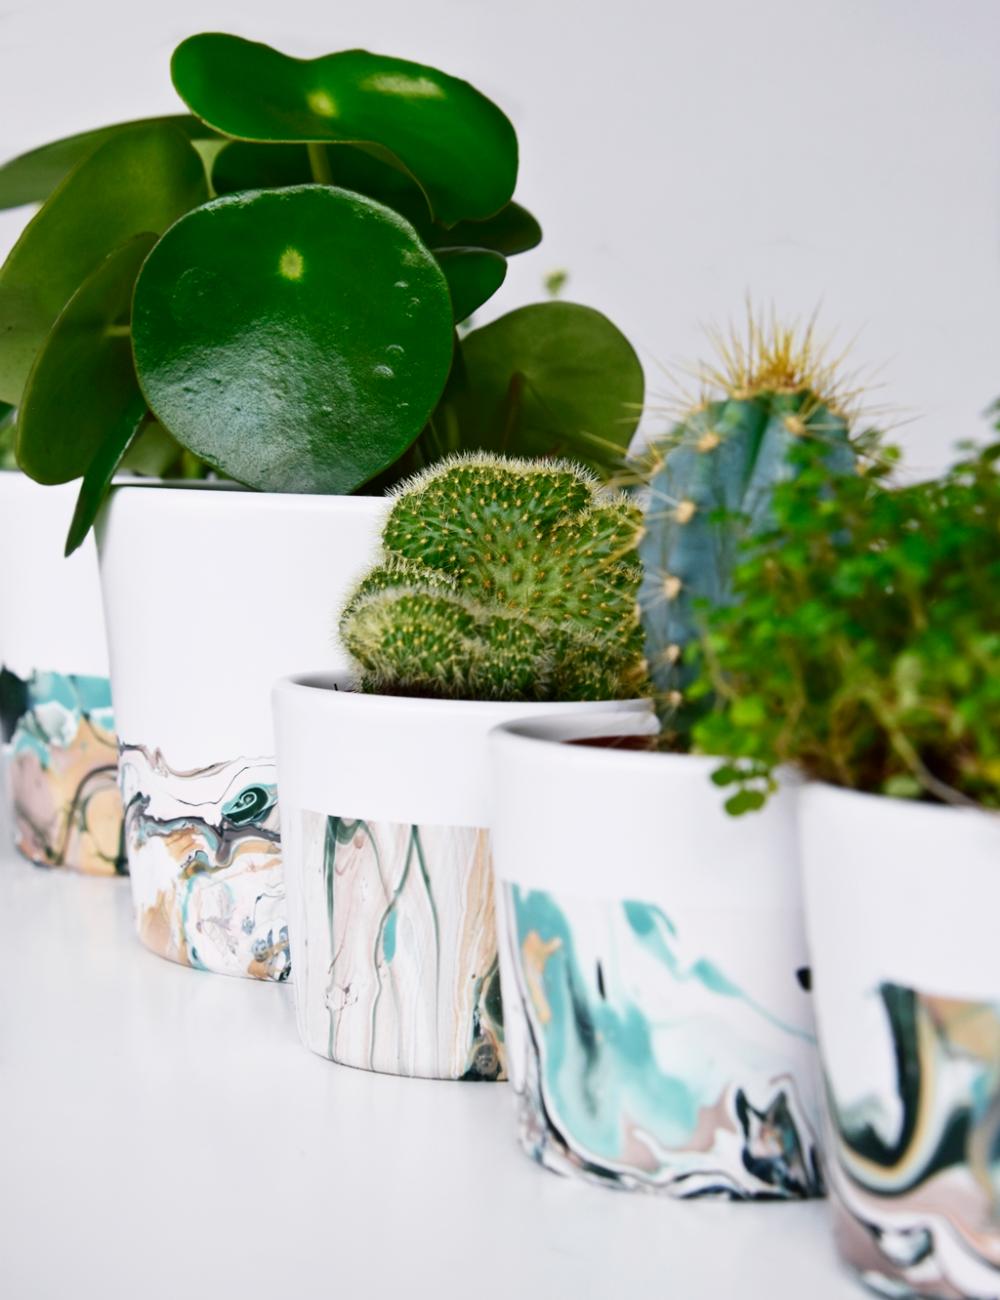 Marmorieren mit Nagellack – ein stylisches Blumentopf DIY